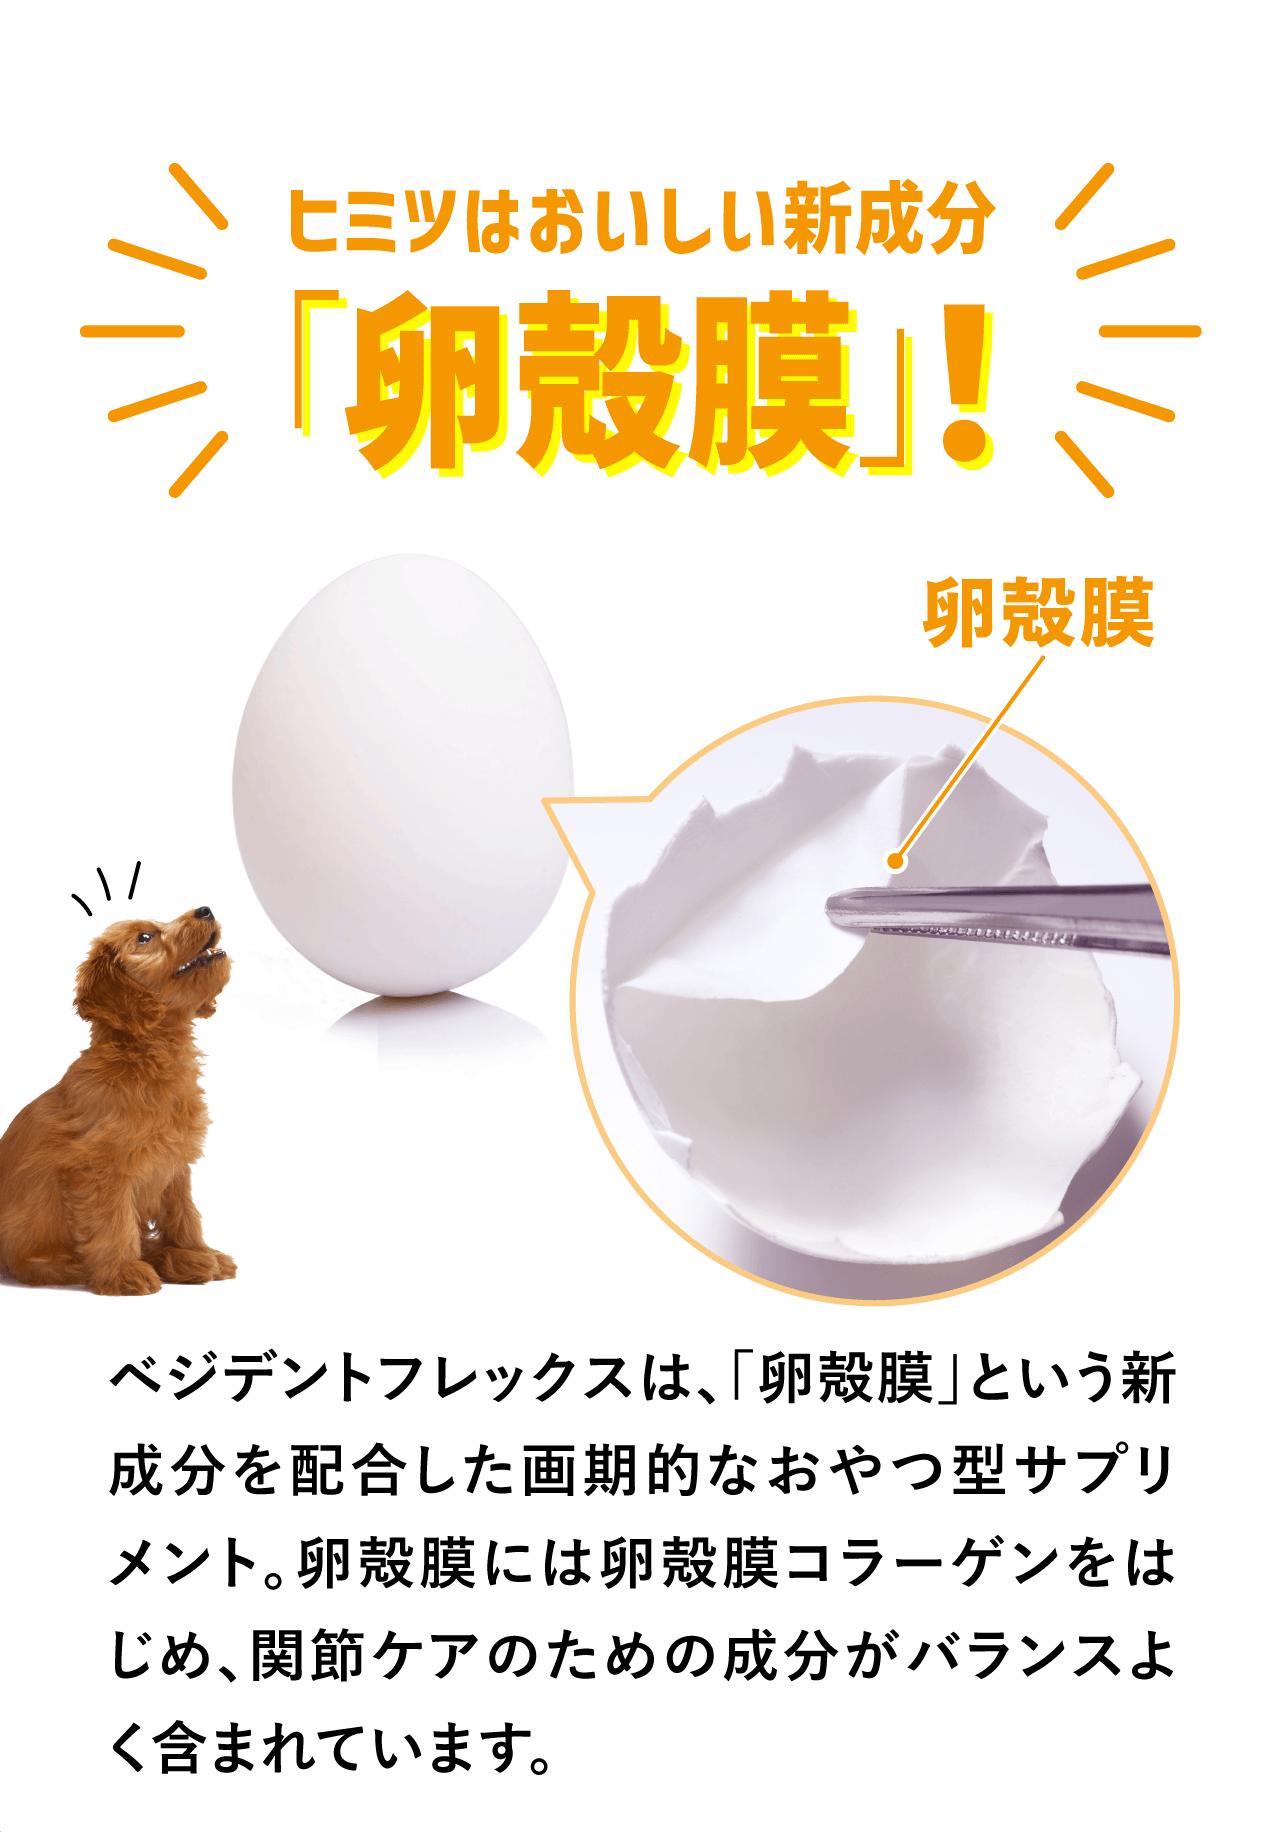 ヒミツはおいしい新成分「卵殻膜」!